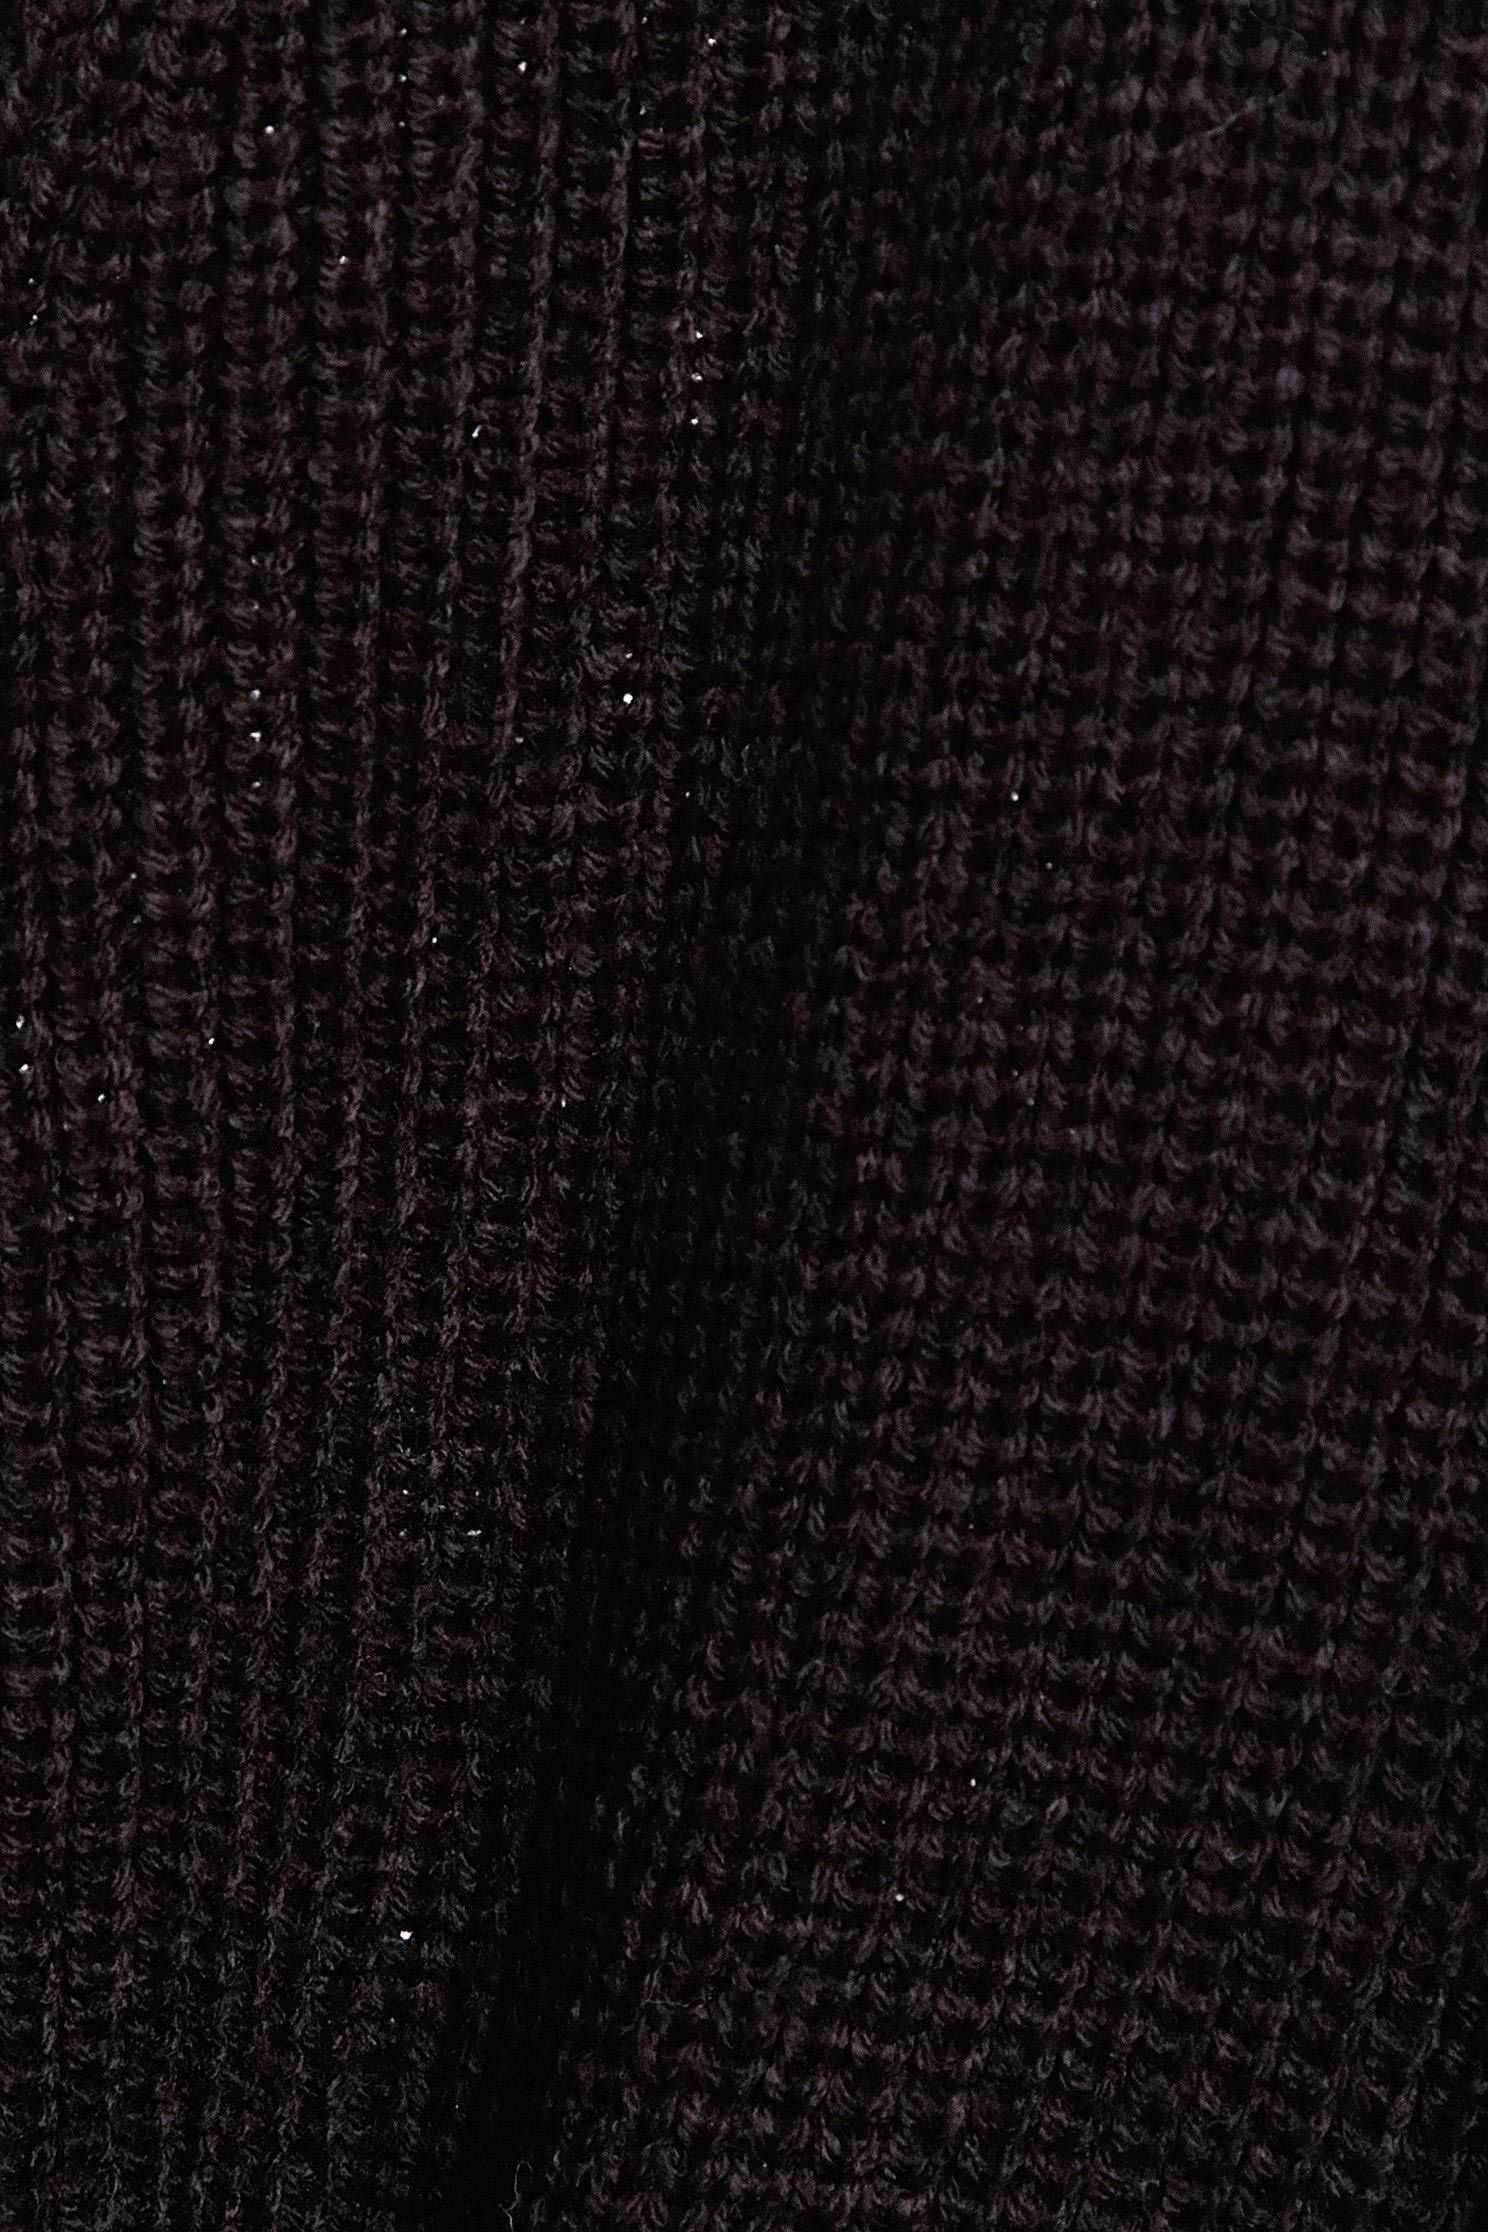 Open-cut strap long-sleeveknit jacket,Outerwear,Season (SS) Look,Season (AW) Look,Knitted,Knitted coats,Long sleeve outerwear,Black outerwear